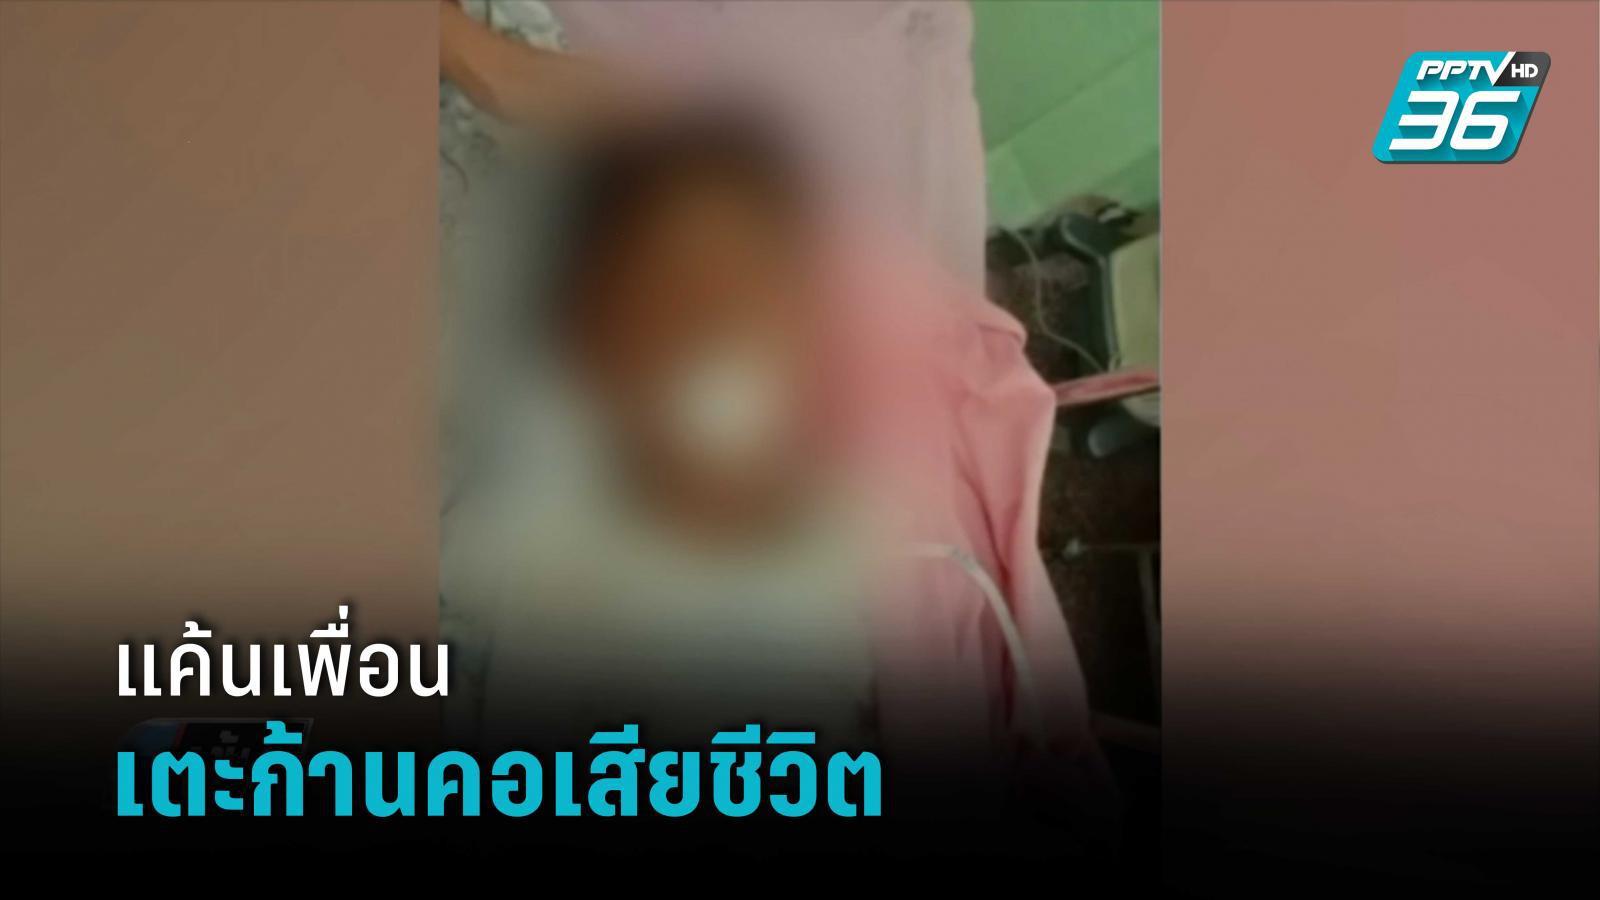 แค้นขโมยมีดพก ด.ช.วัย 13 เตะก้านคอเพื่อนดับ พบเคยเรียนมวยไทย